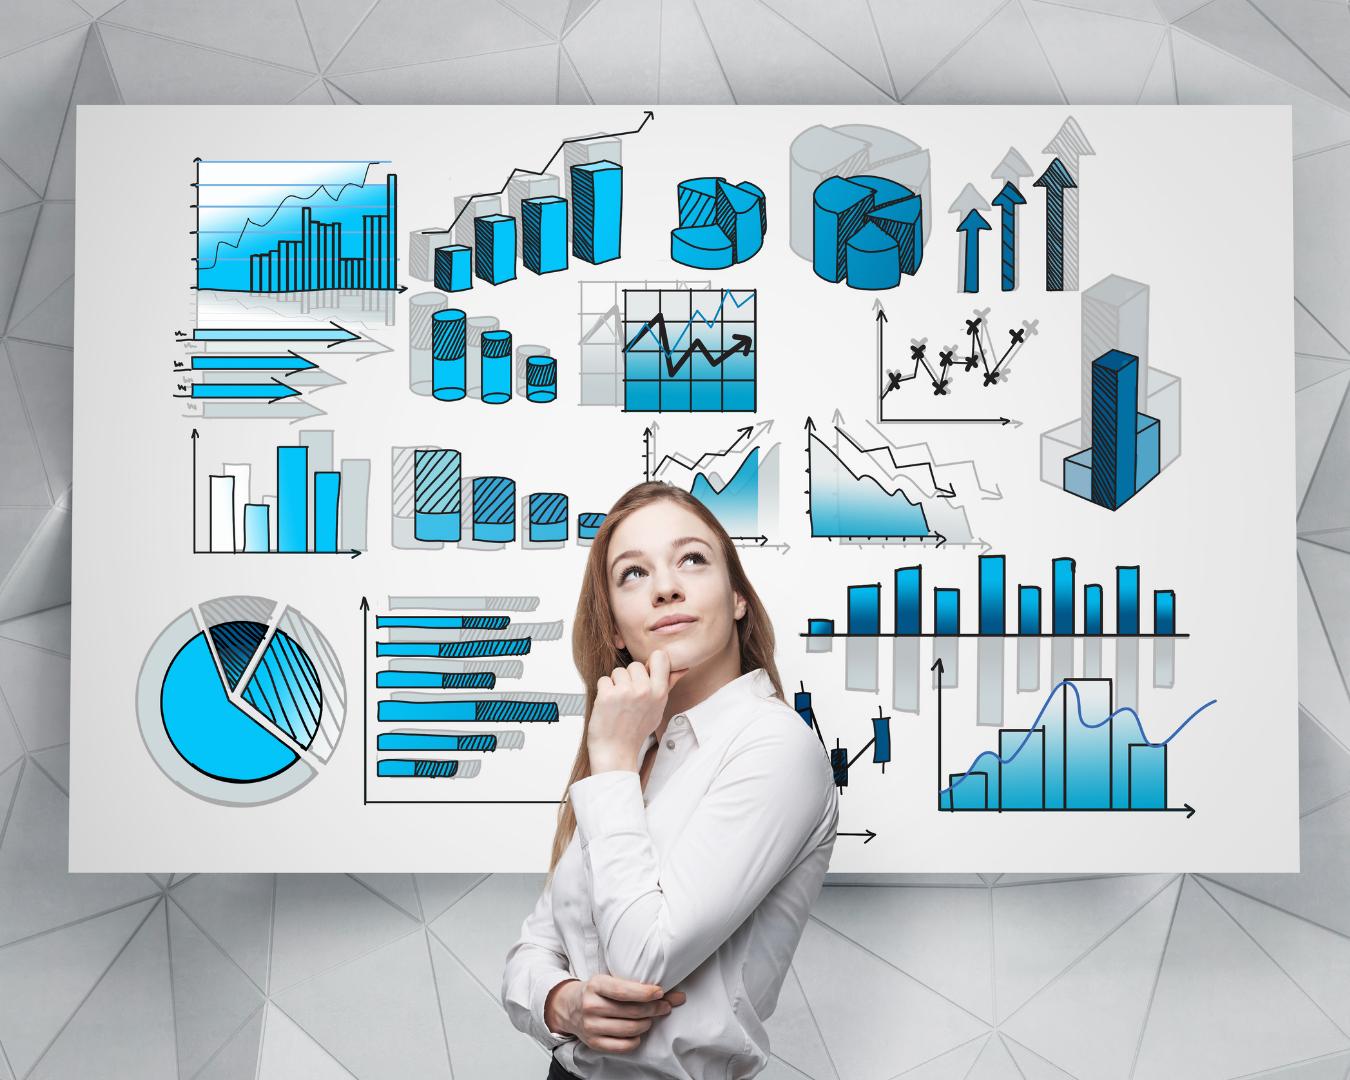 ferramentas para analise de dados